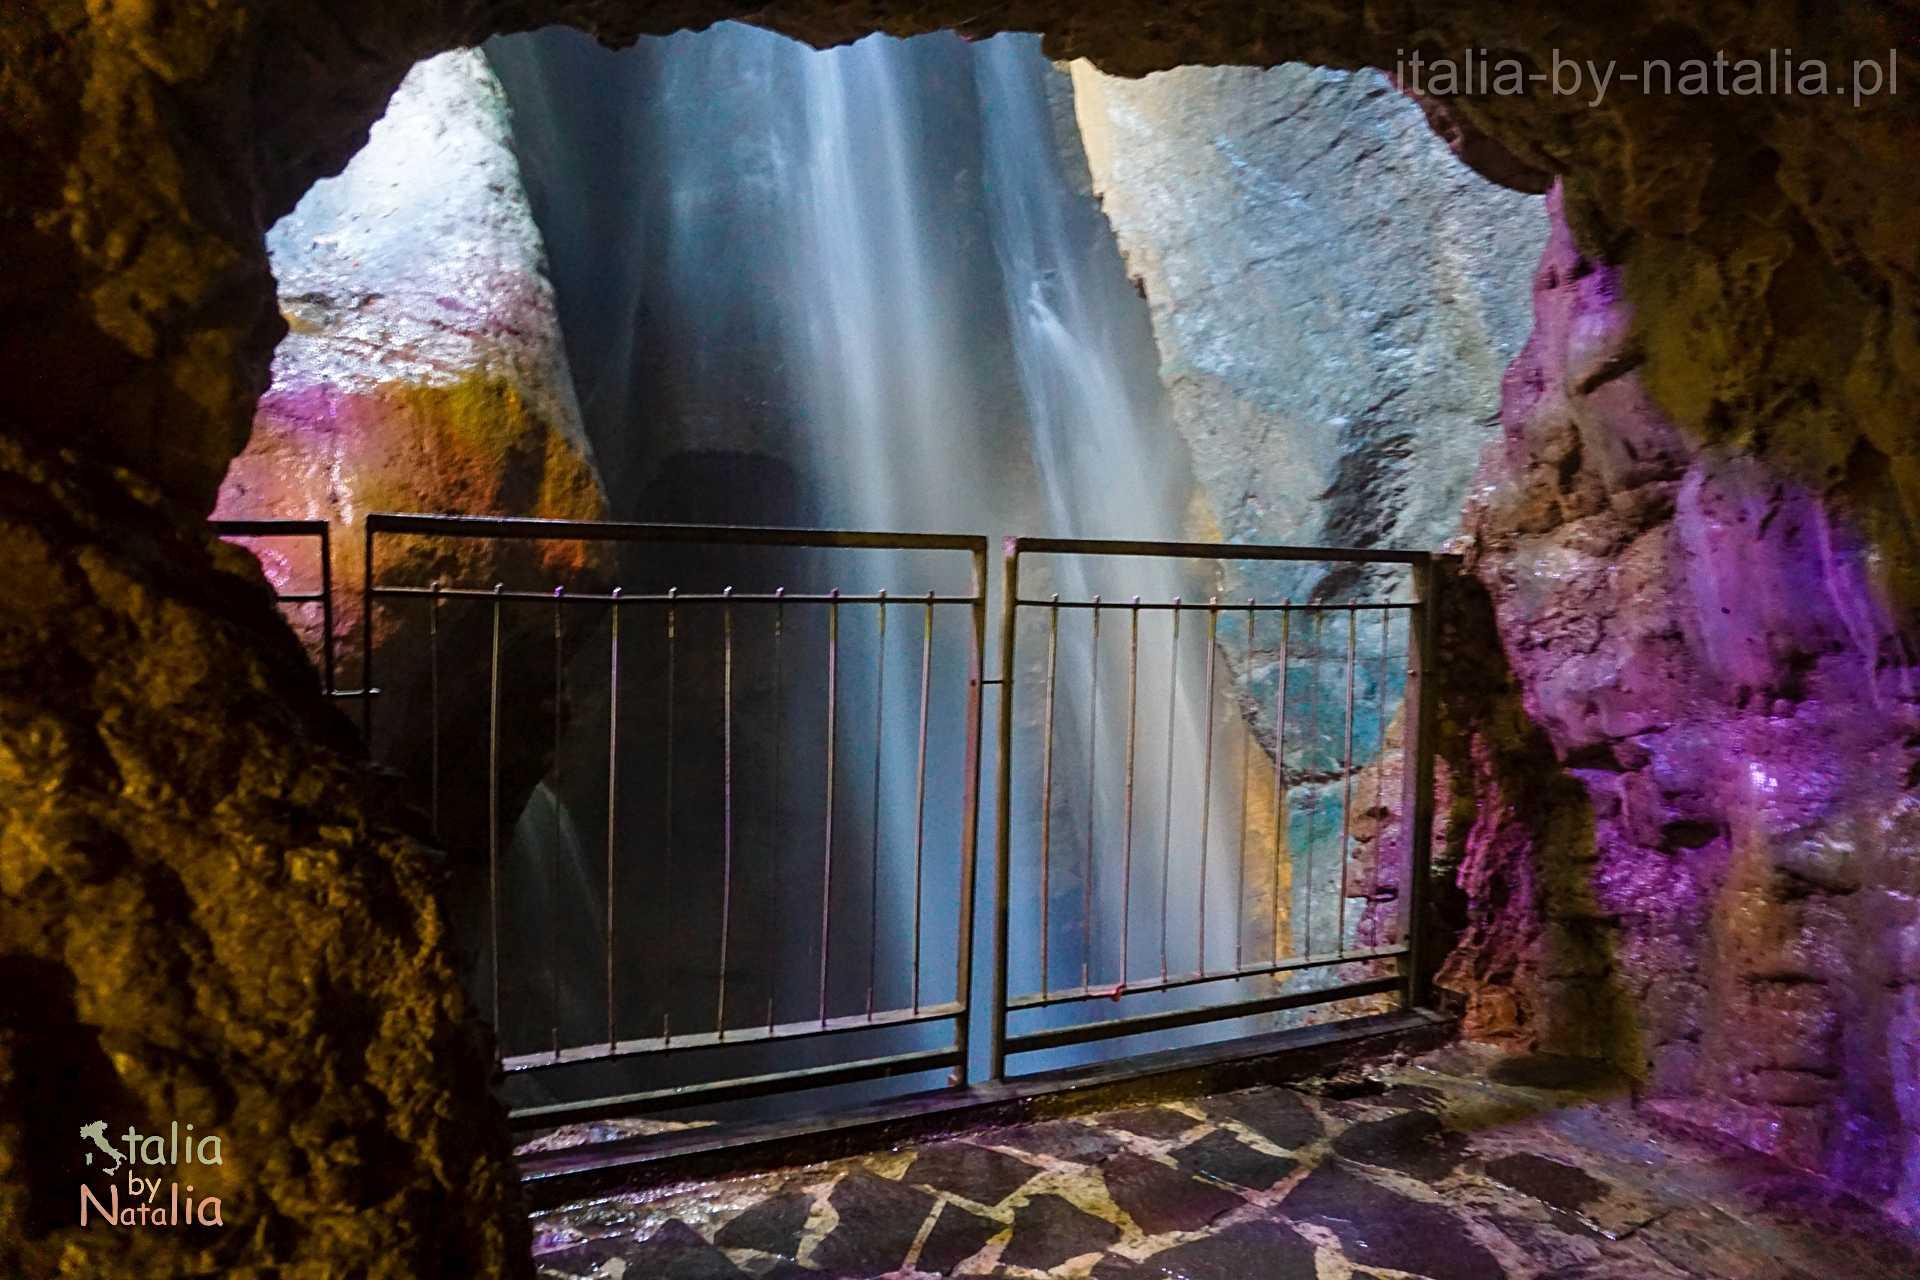 Cascata Varone wodospad Canale Tenno Varone